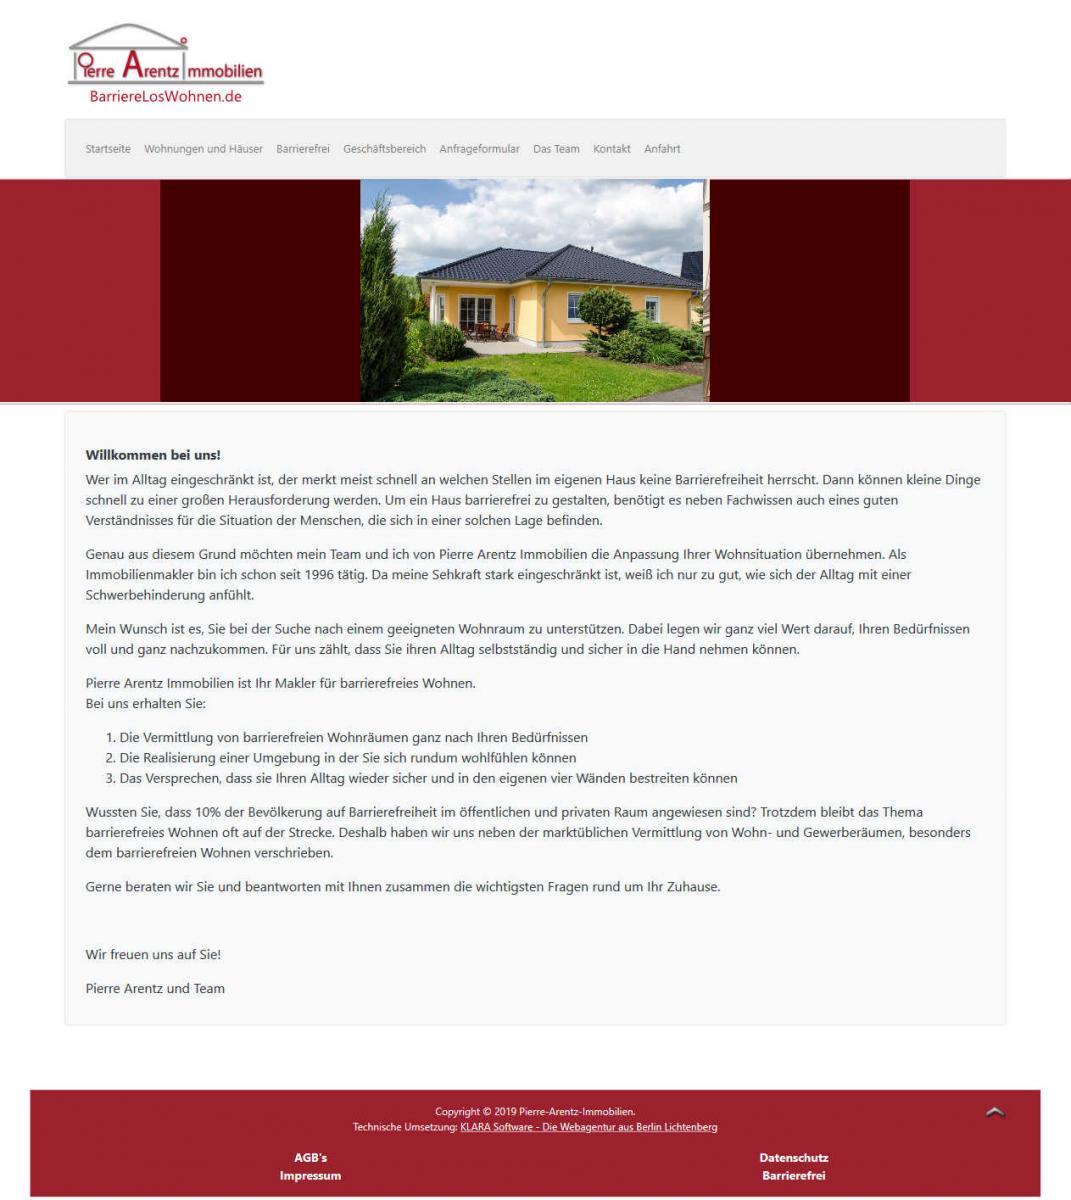 http://www.pierre-arentz-immobilien.de/